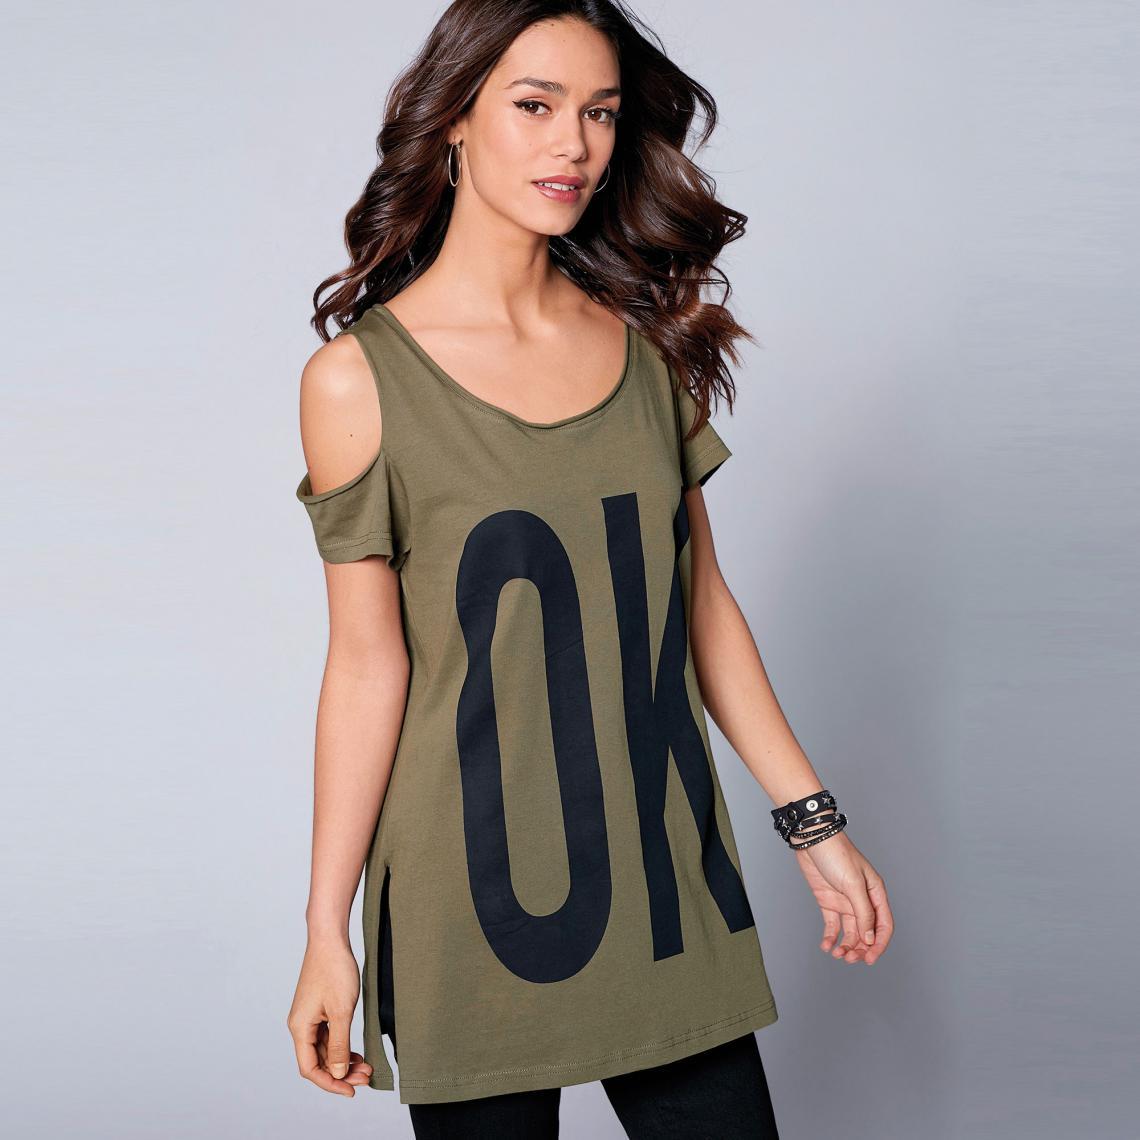 Tee-shirt fendu manches courtes ouverture sur épaules femme exclusivité  3Suisses - Kaki 3 Suisses 76f7497ae2b0